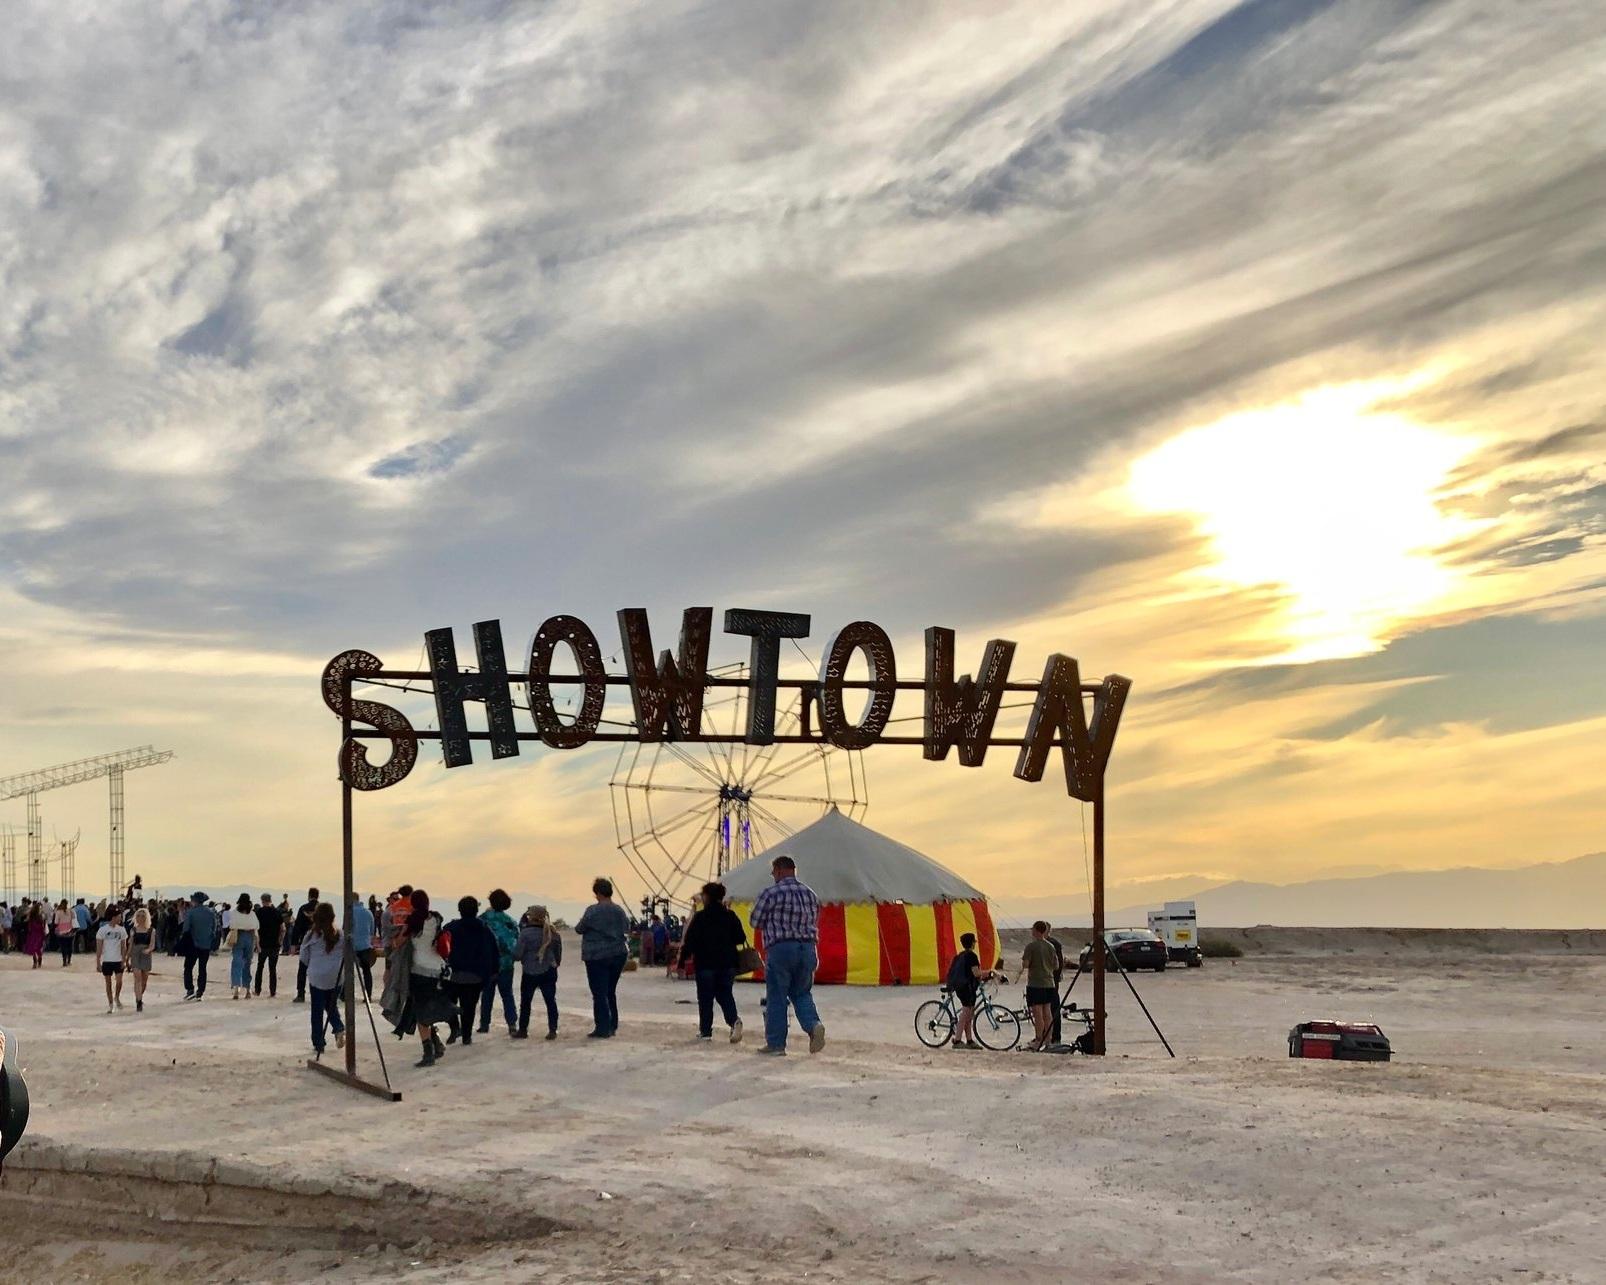 Showtown